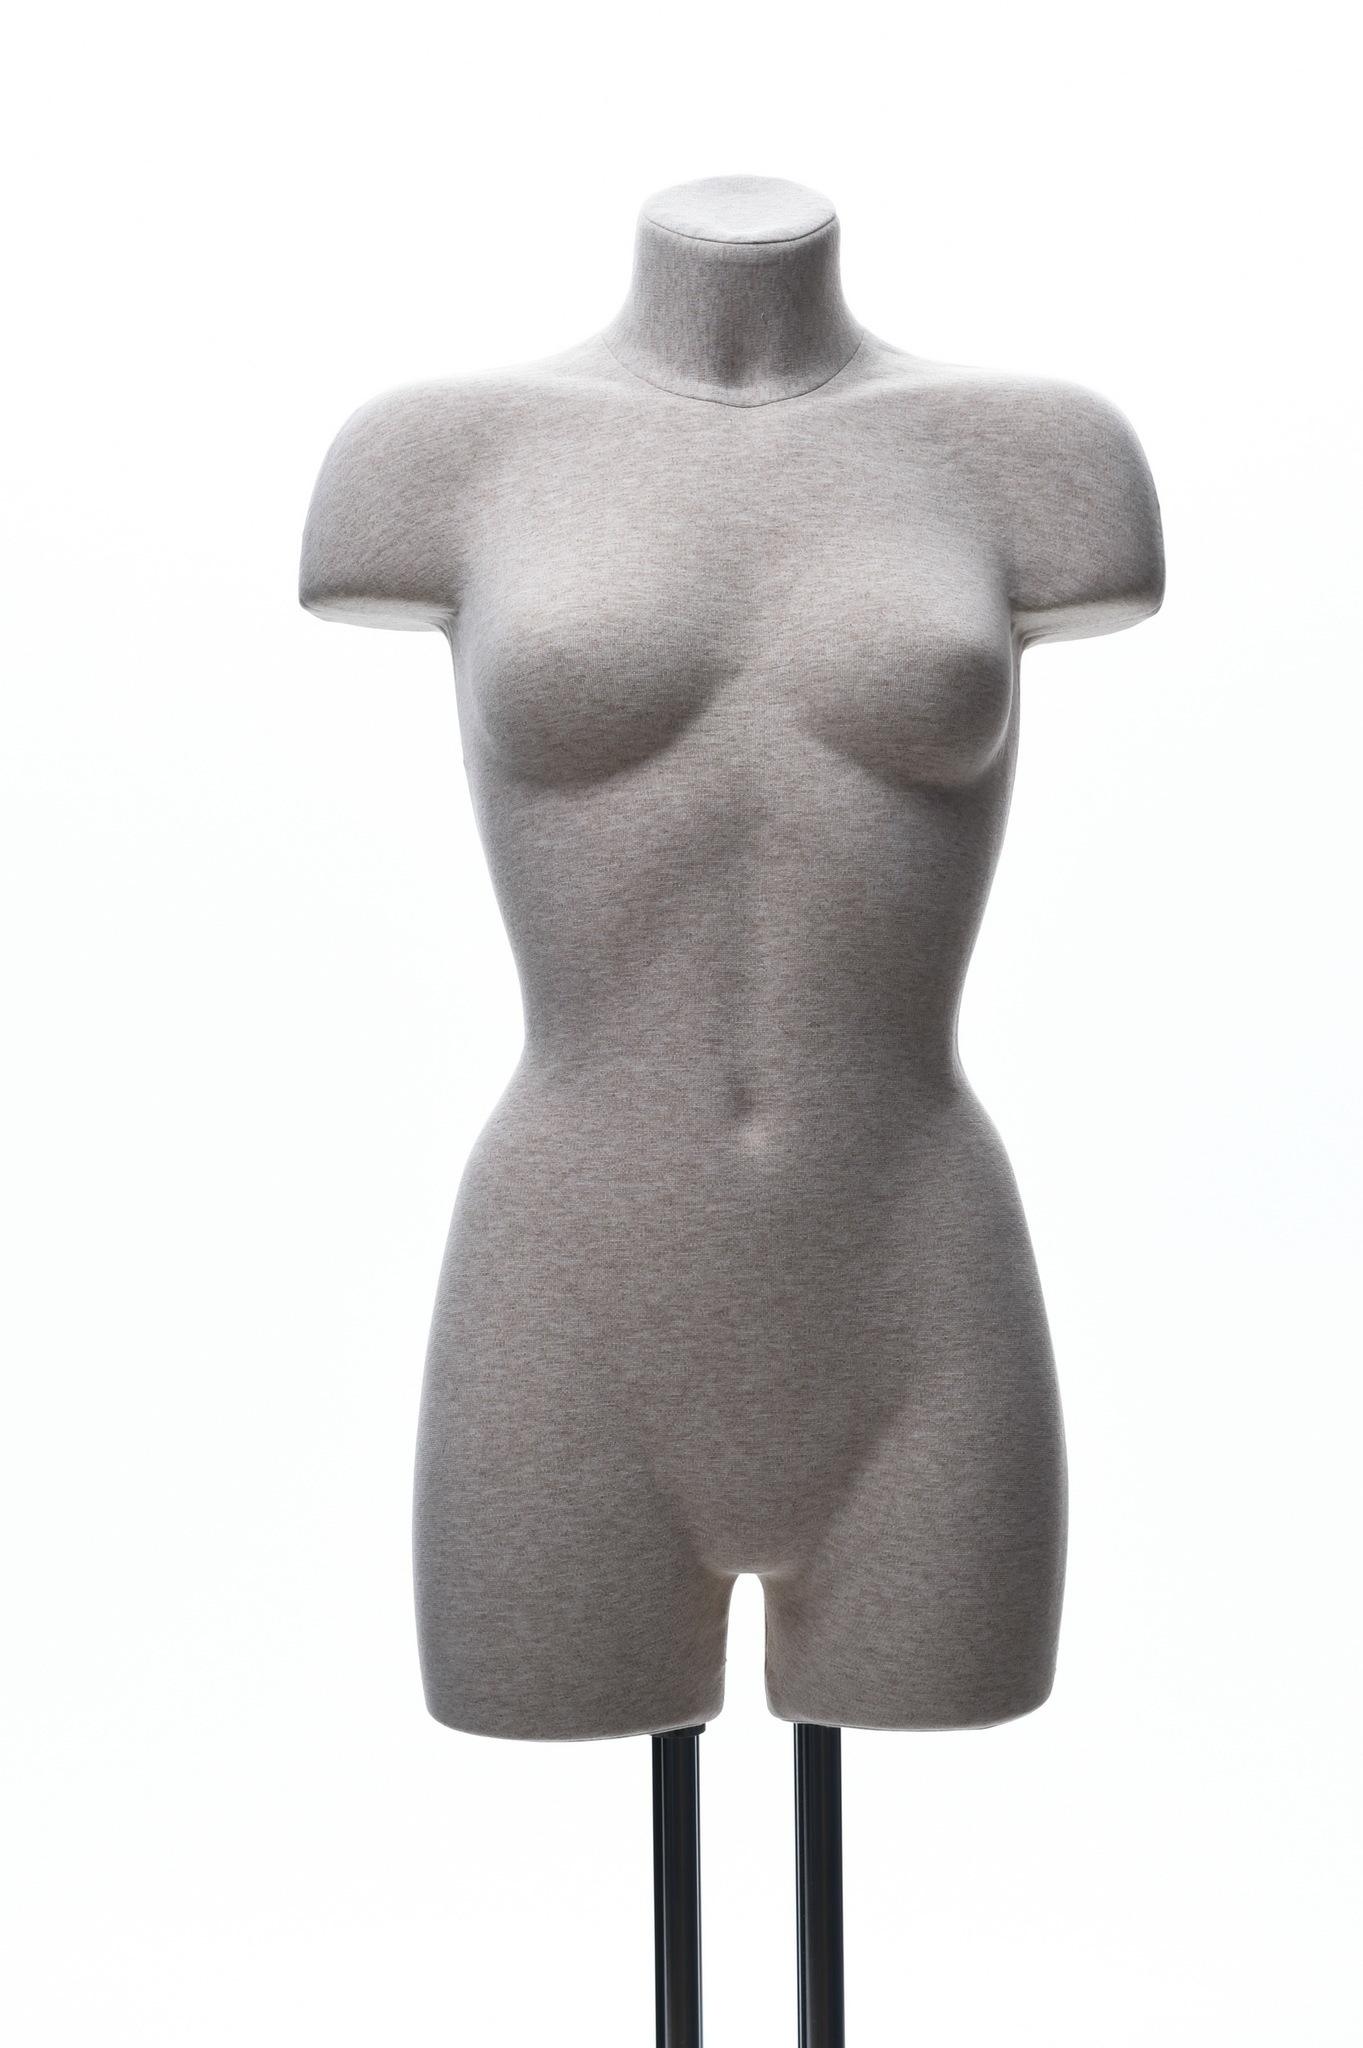 Демонстрационный женский манекен с выраженным рельефом 44-46 размер (телесный)